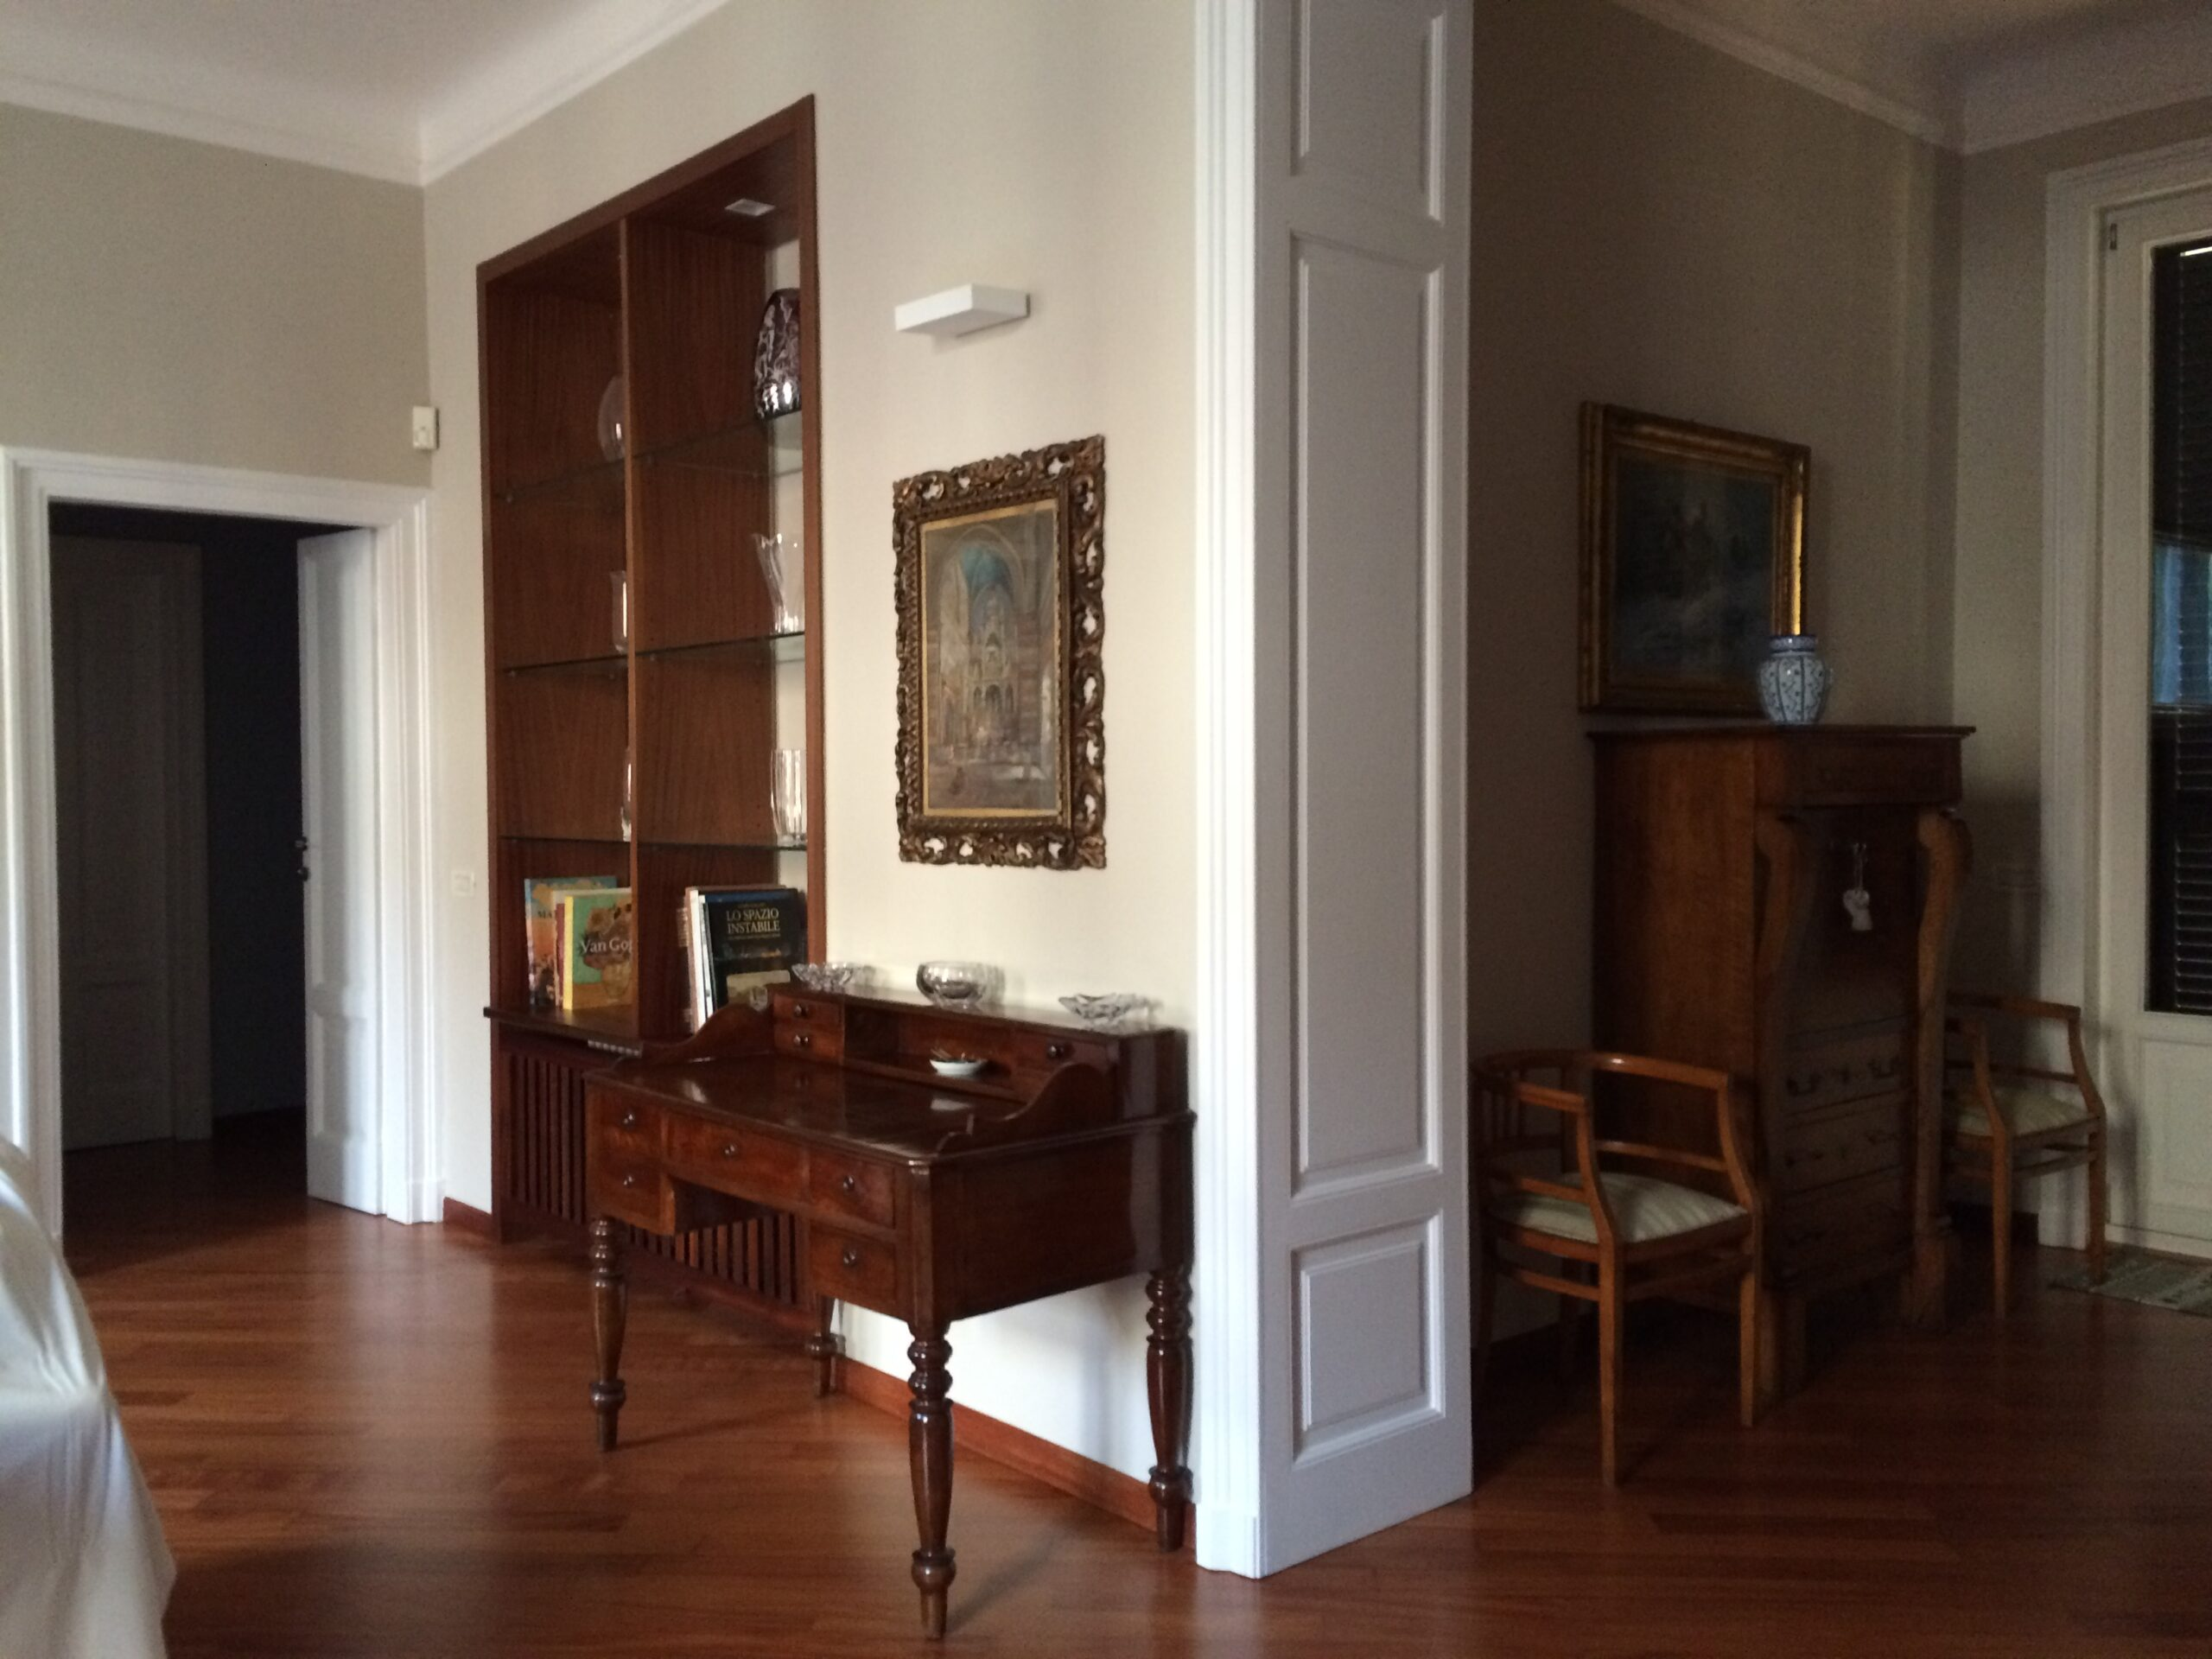 11. Vista interna alloggio con posa di pavimenti in doghe di legno, tinteggiature pareti, illuminazione con applique a parete: lavori ultimati.